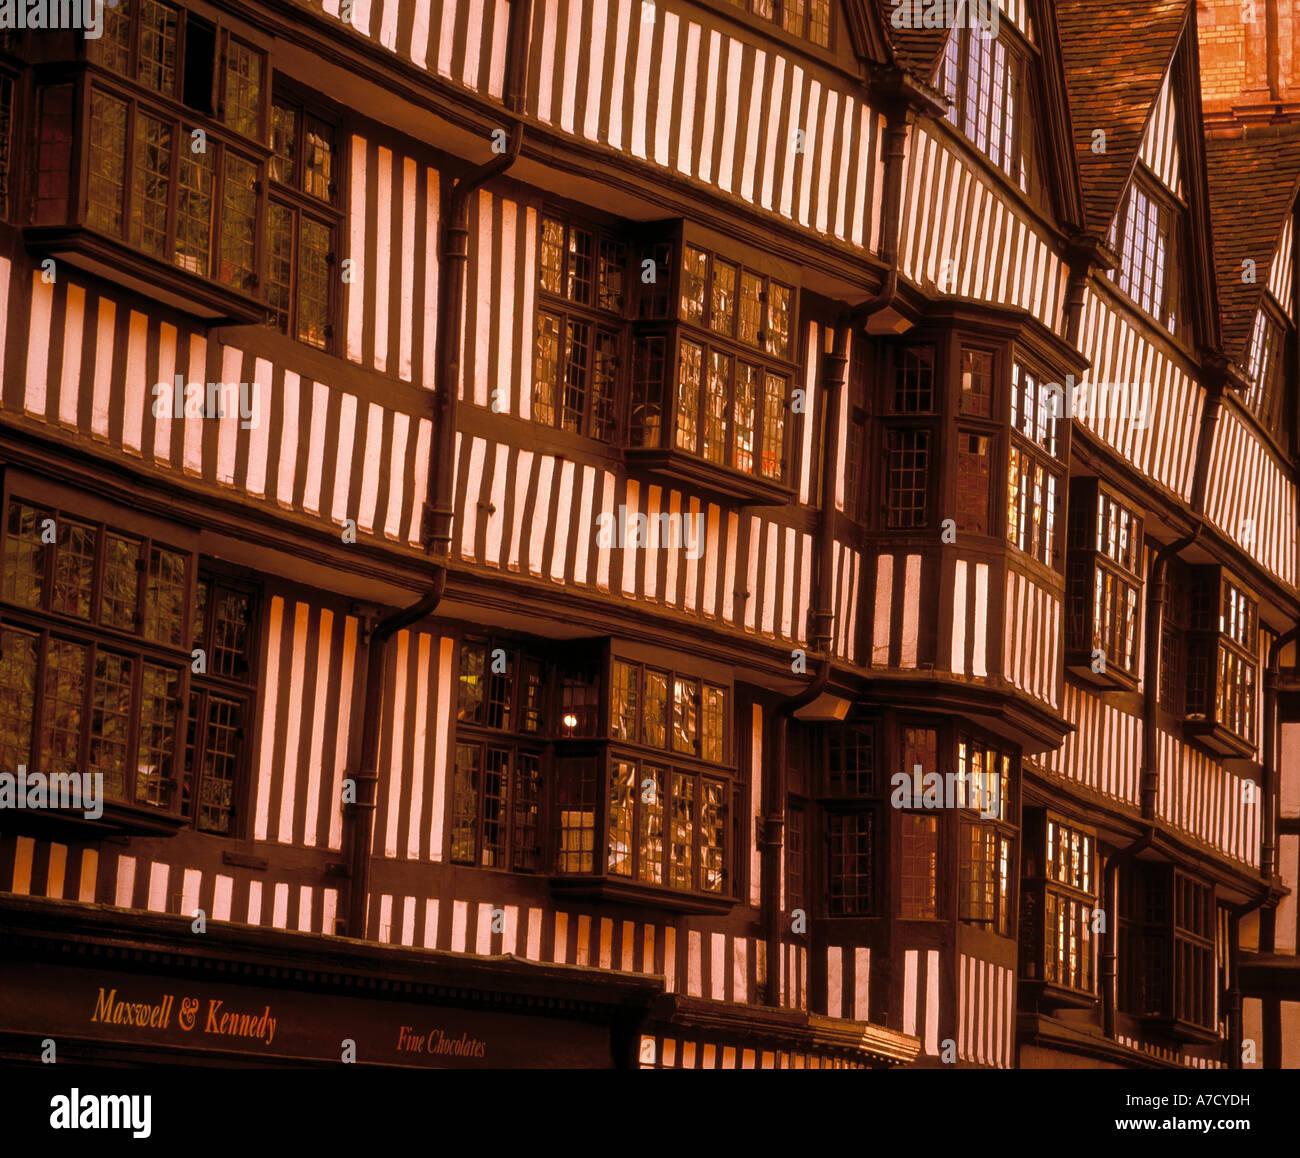 Inns Of Court, Staple Inn - Stock Image